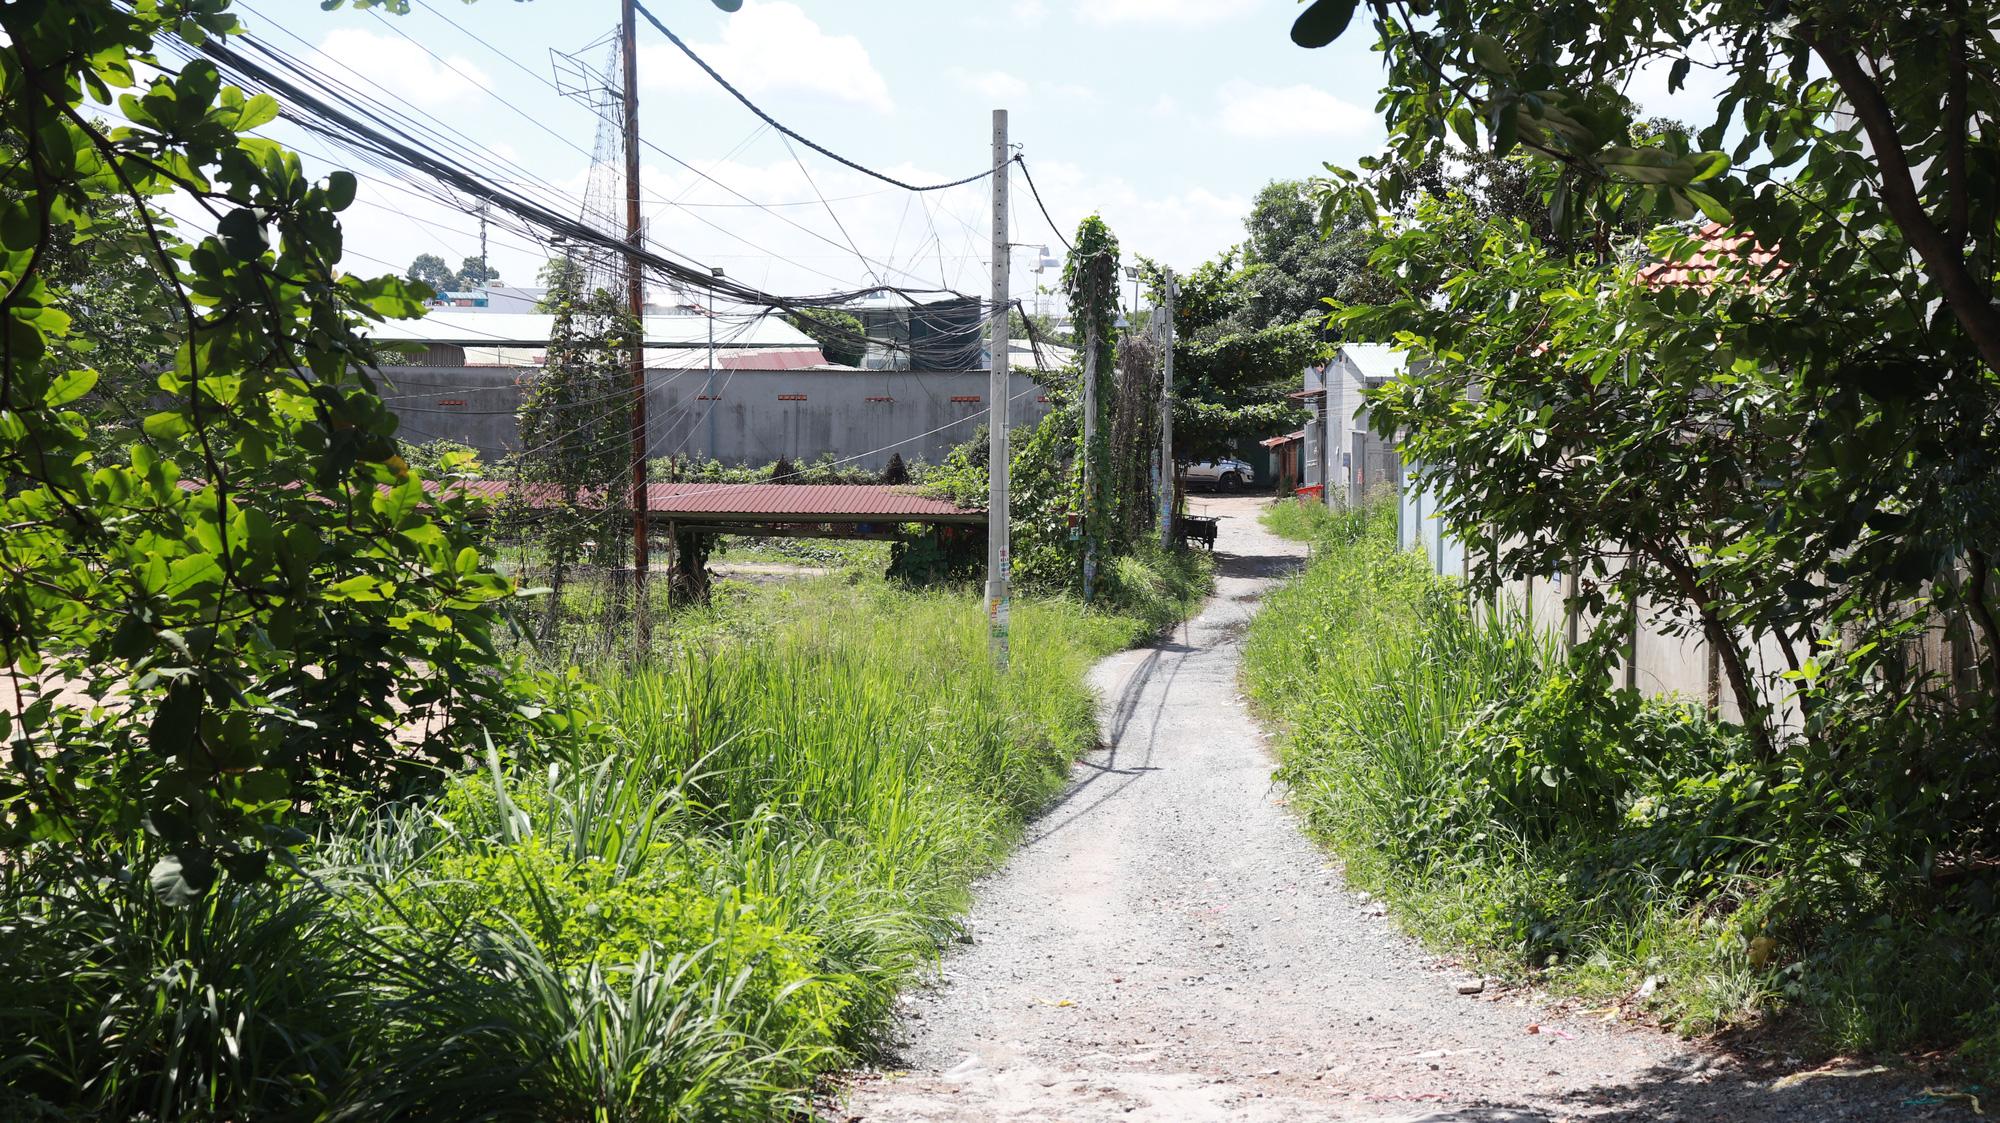 4 đường sẽ mở theo quy hoạch tại phường Linh Trung, TP Thủ Đức - Ảnh 4.